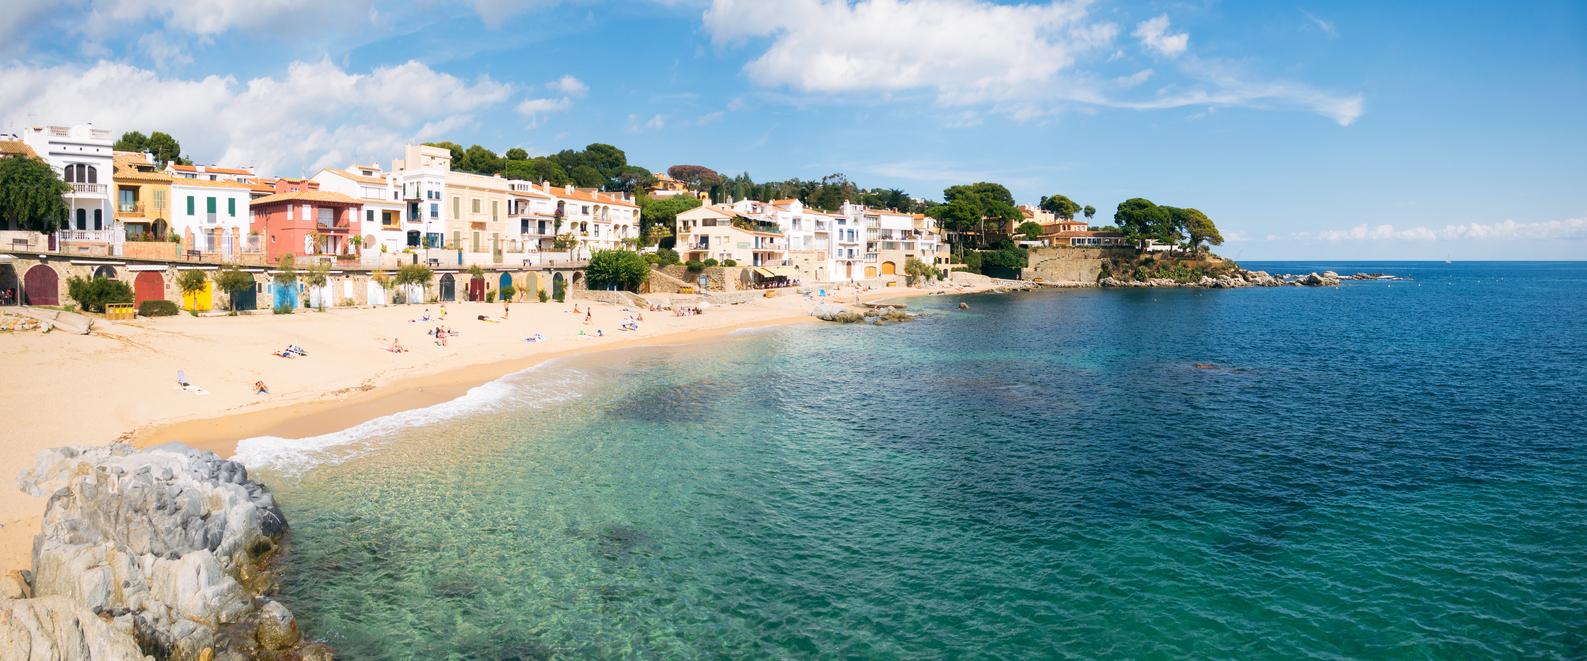 Oliver Travel Møt Våren På Solkysten I Spania